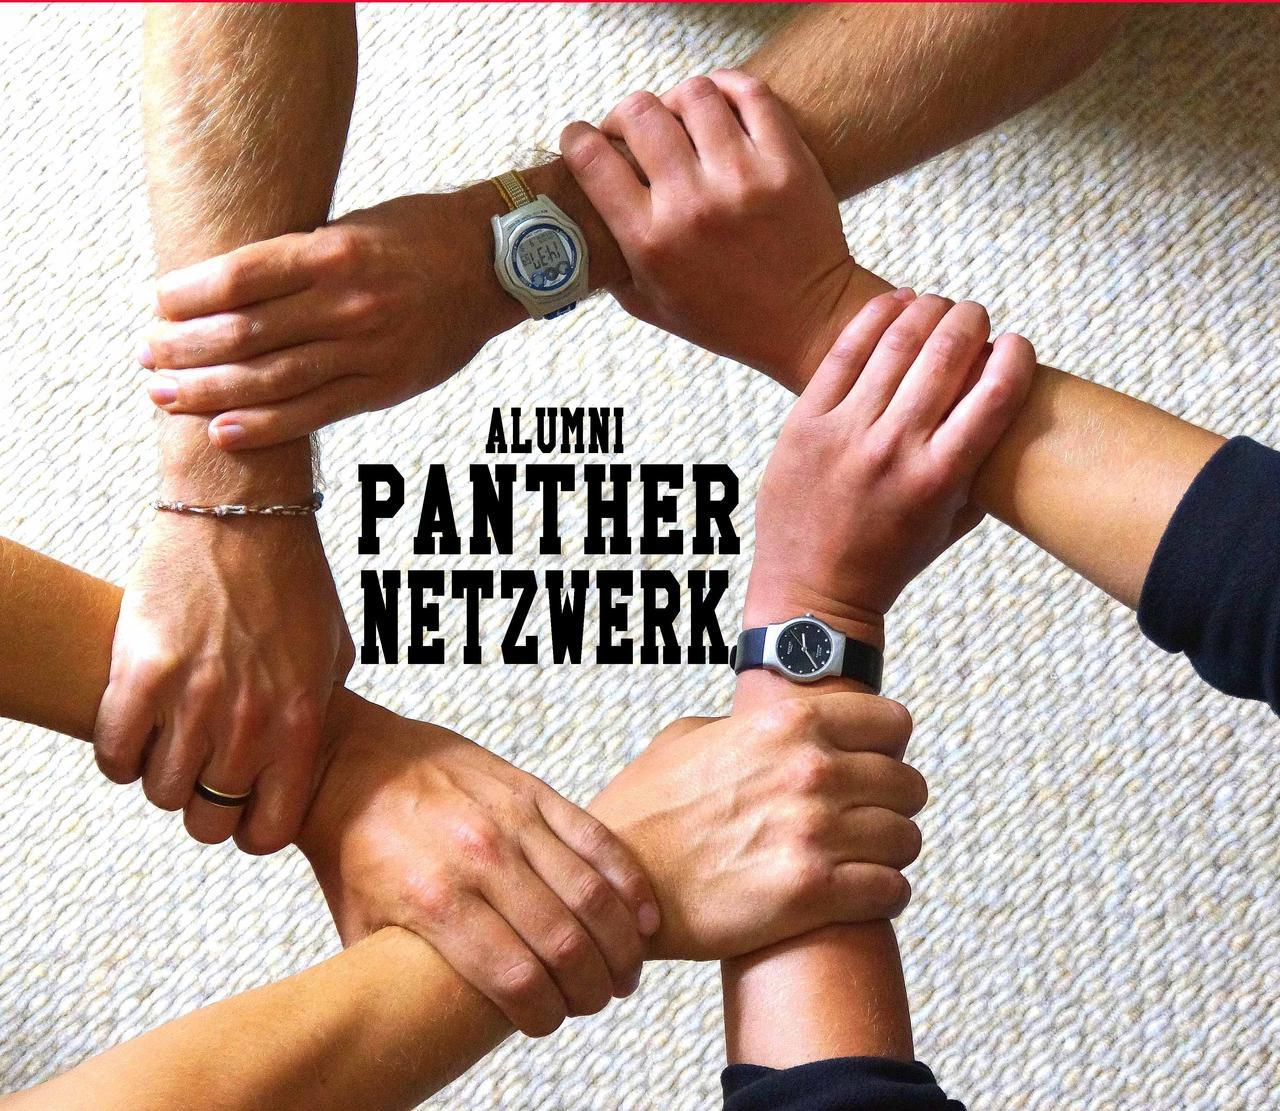 Weltweites Panther-Netzwerk von Alumni